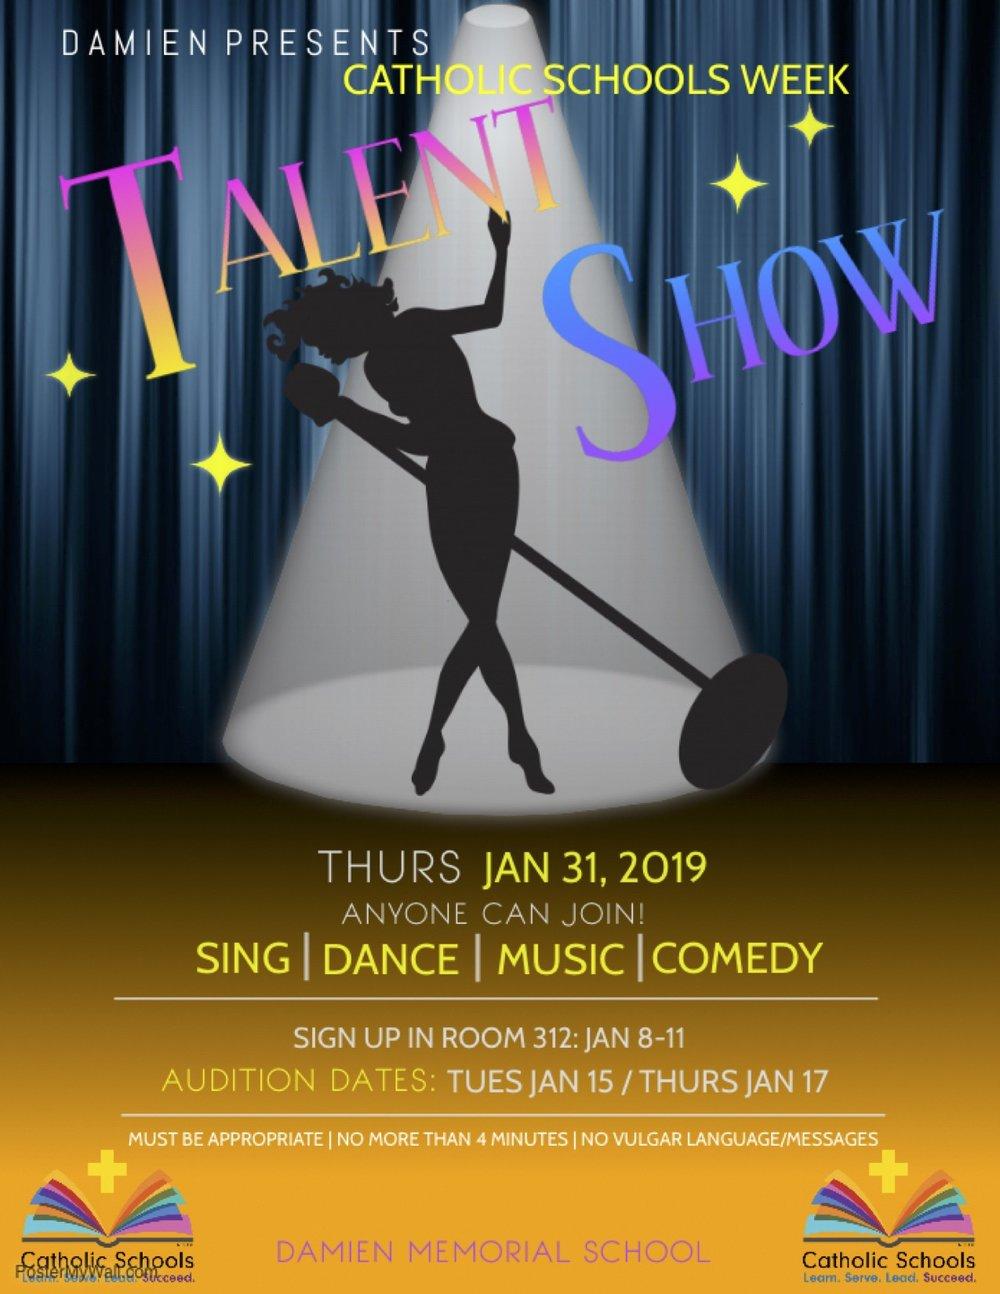 TalentShow (1).jpg